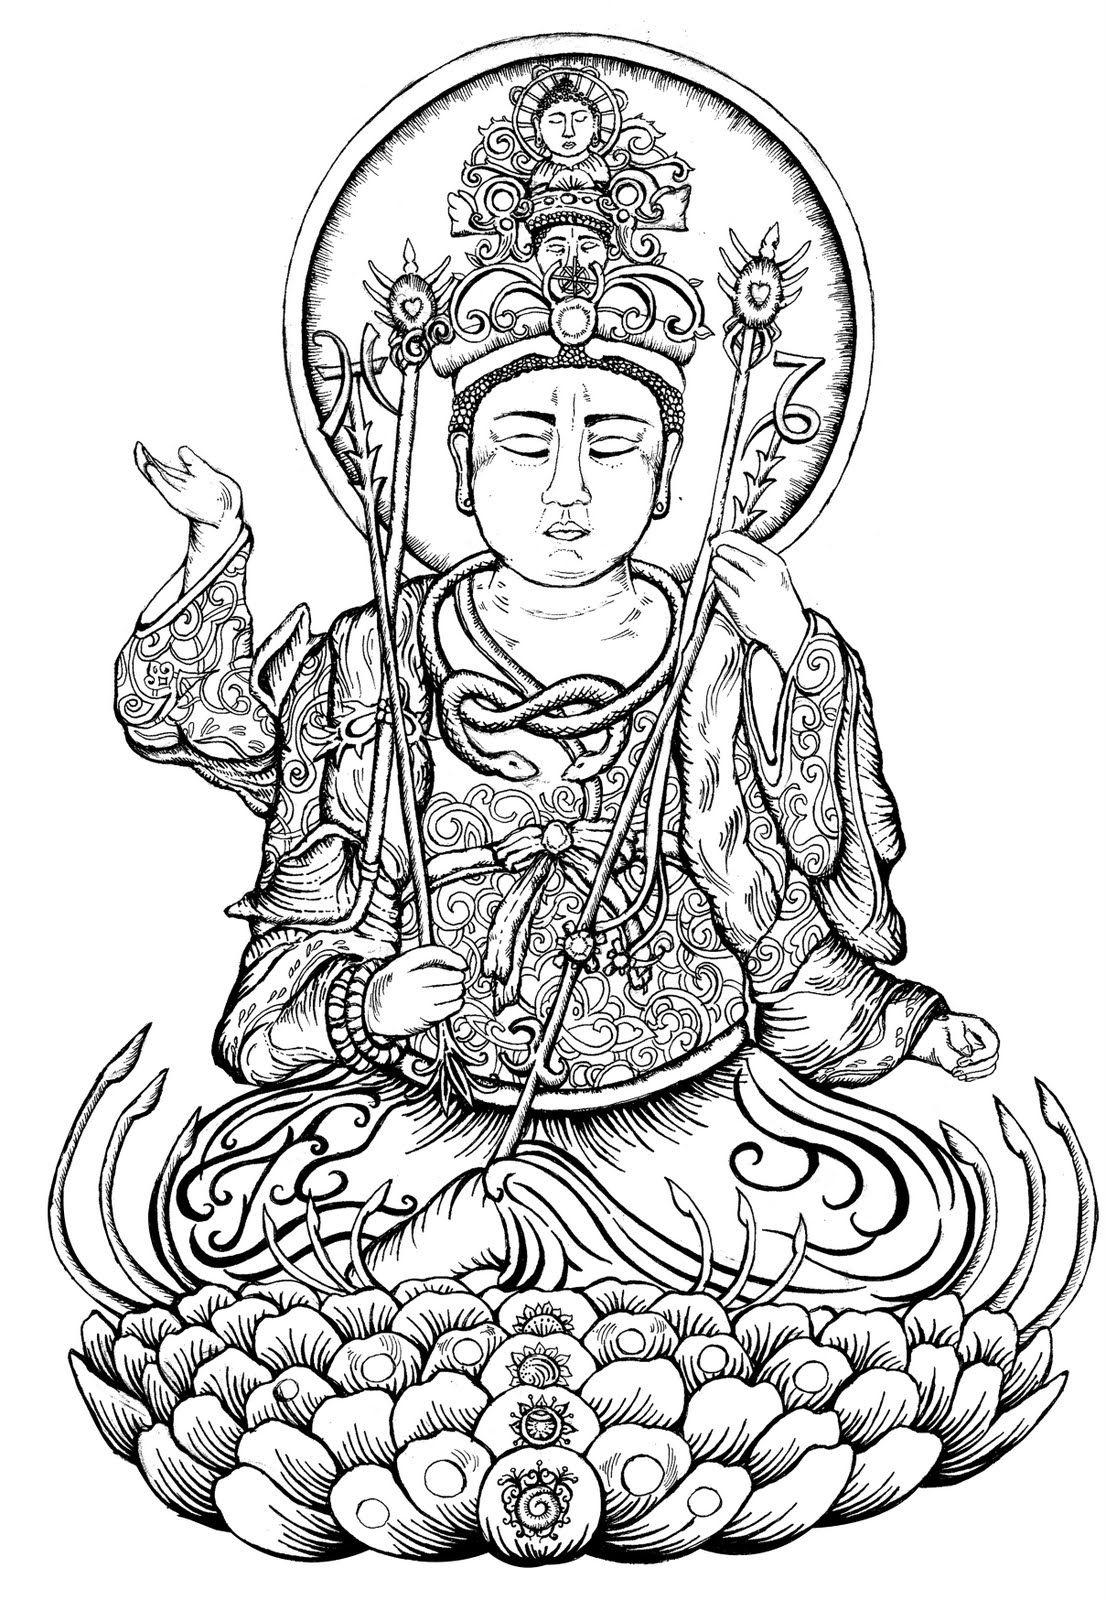 Coloring Page Hindu Mythology Buddha Gods And Goddesses 39